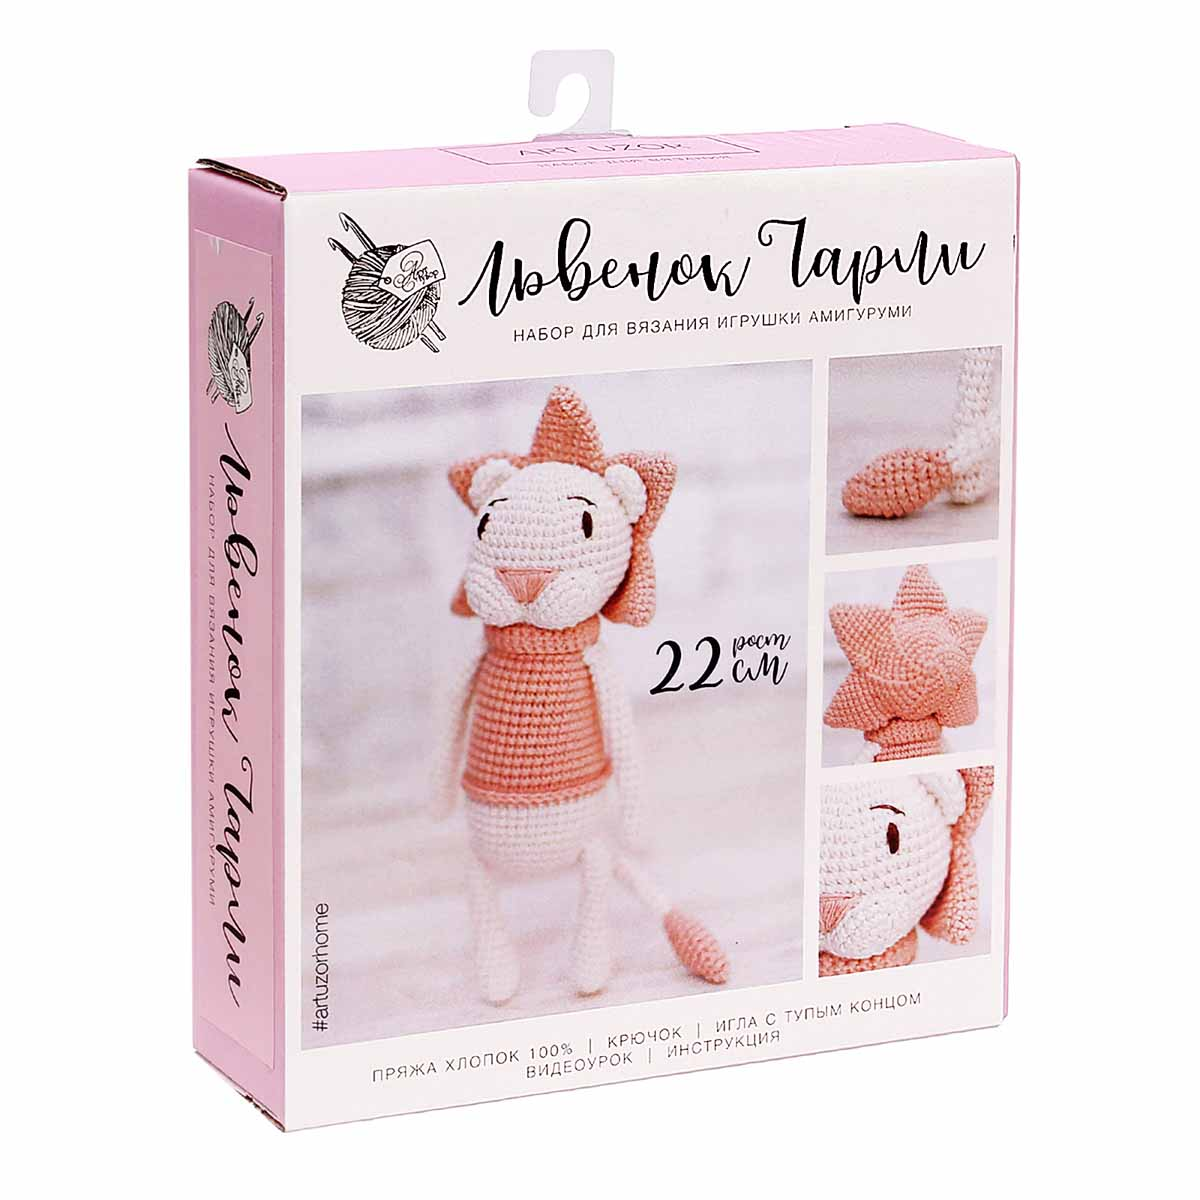 2724102 Амигуруми: Мягкая игрушка 'Львёнок Чарли', набор для вязания, 10*4*14 см